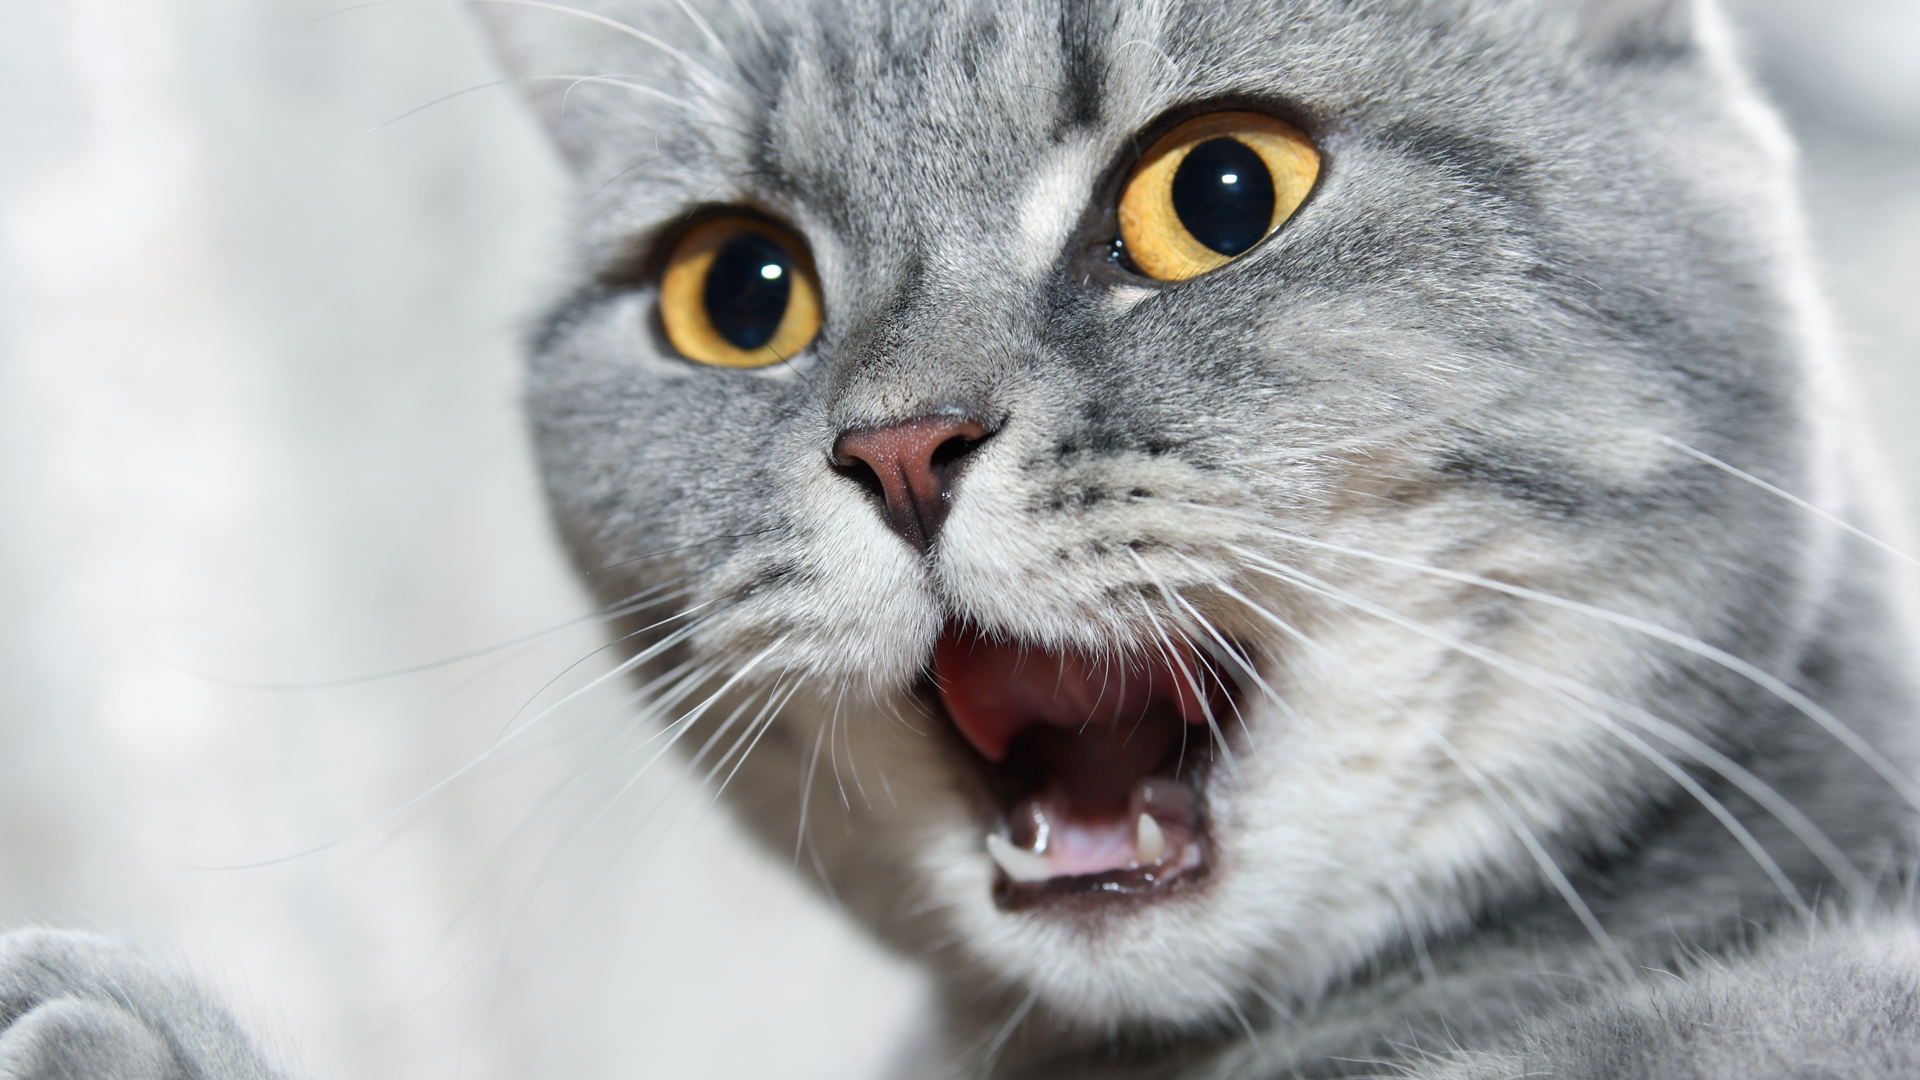 Una cola de gato contiene de 18 a 23 vértebras caudales, o vértebras de la cola, dependiendo de la raza y el gato individual, y es su medio de expresión (iStock)